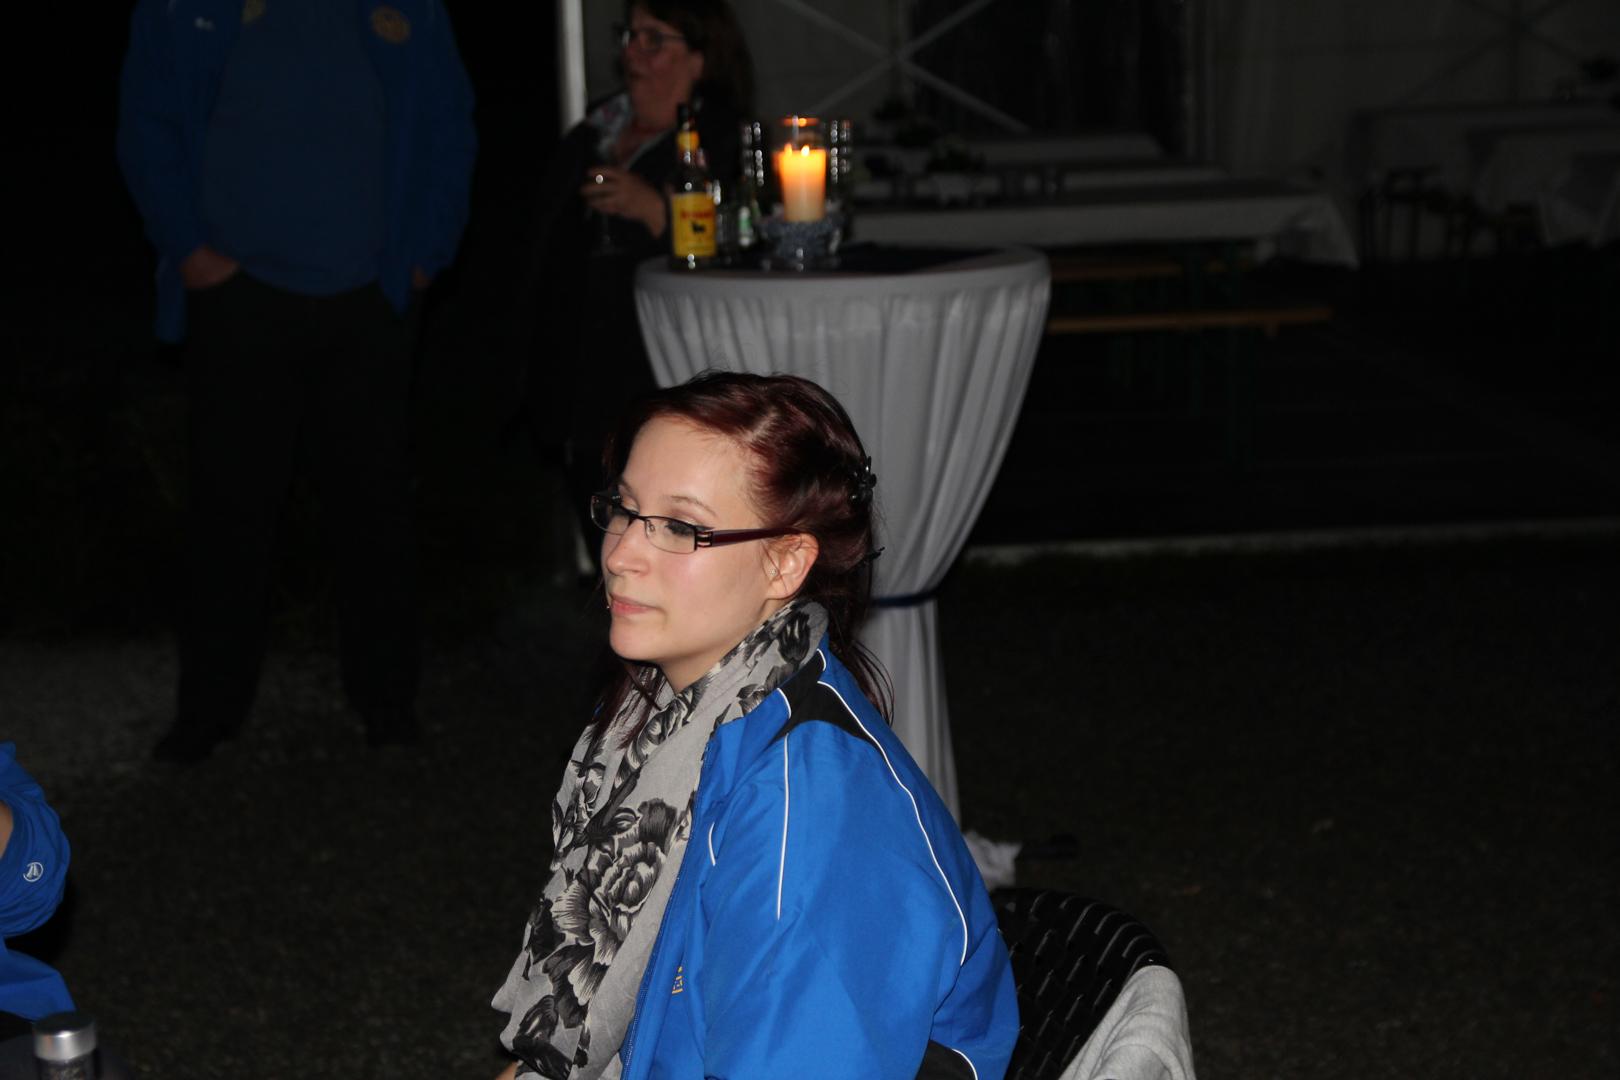 50_Jahr_Feier (440).jpg